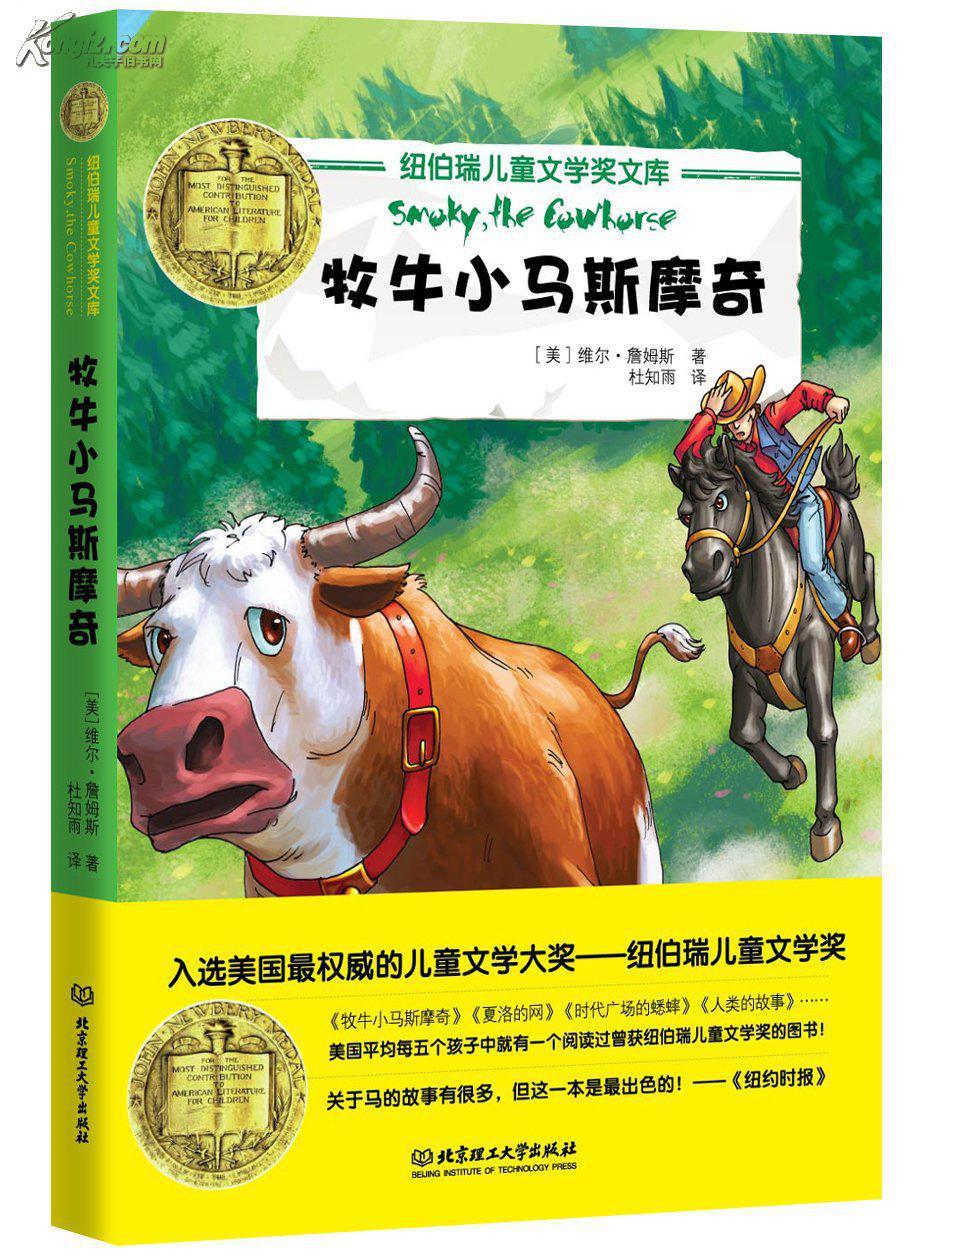 【图】纽伯瑞儿童文学奖文库:牧牛小马斯摩奇